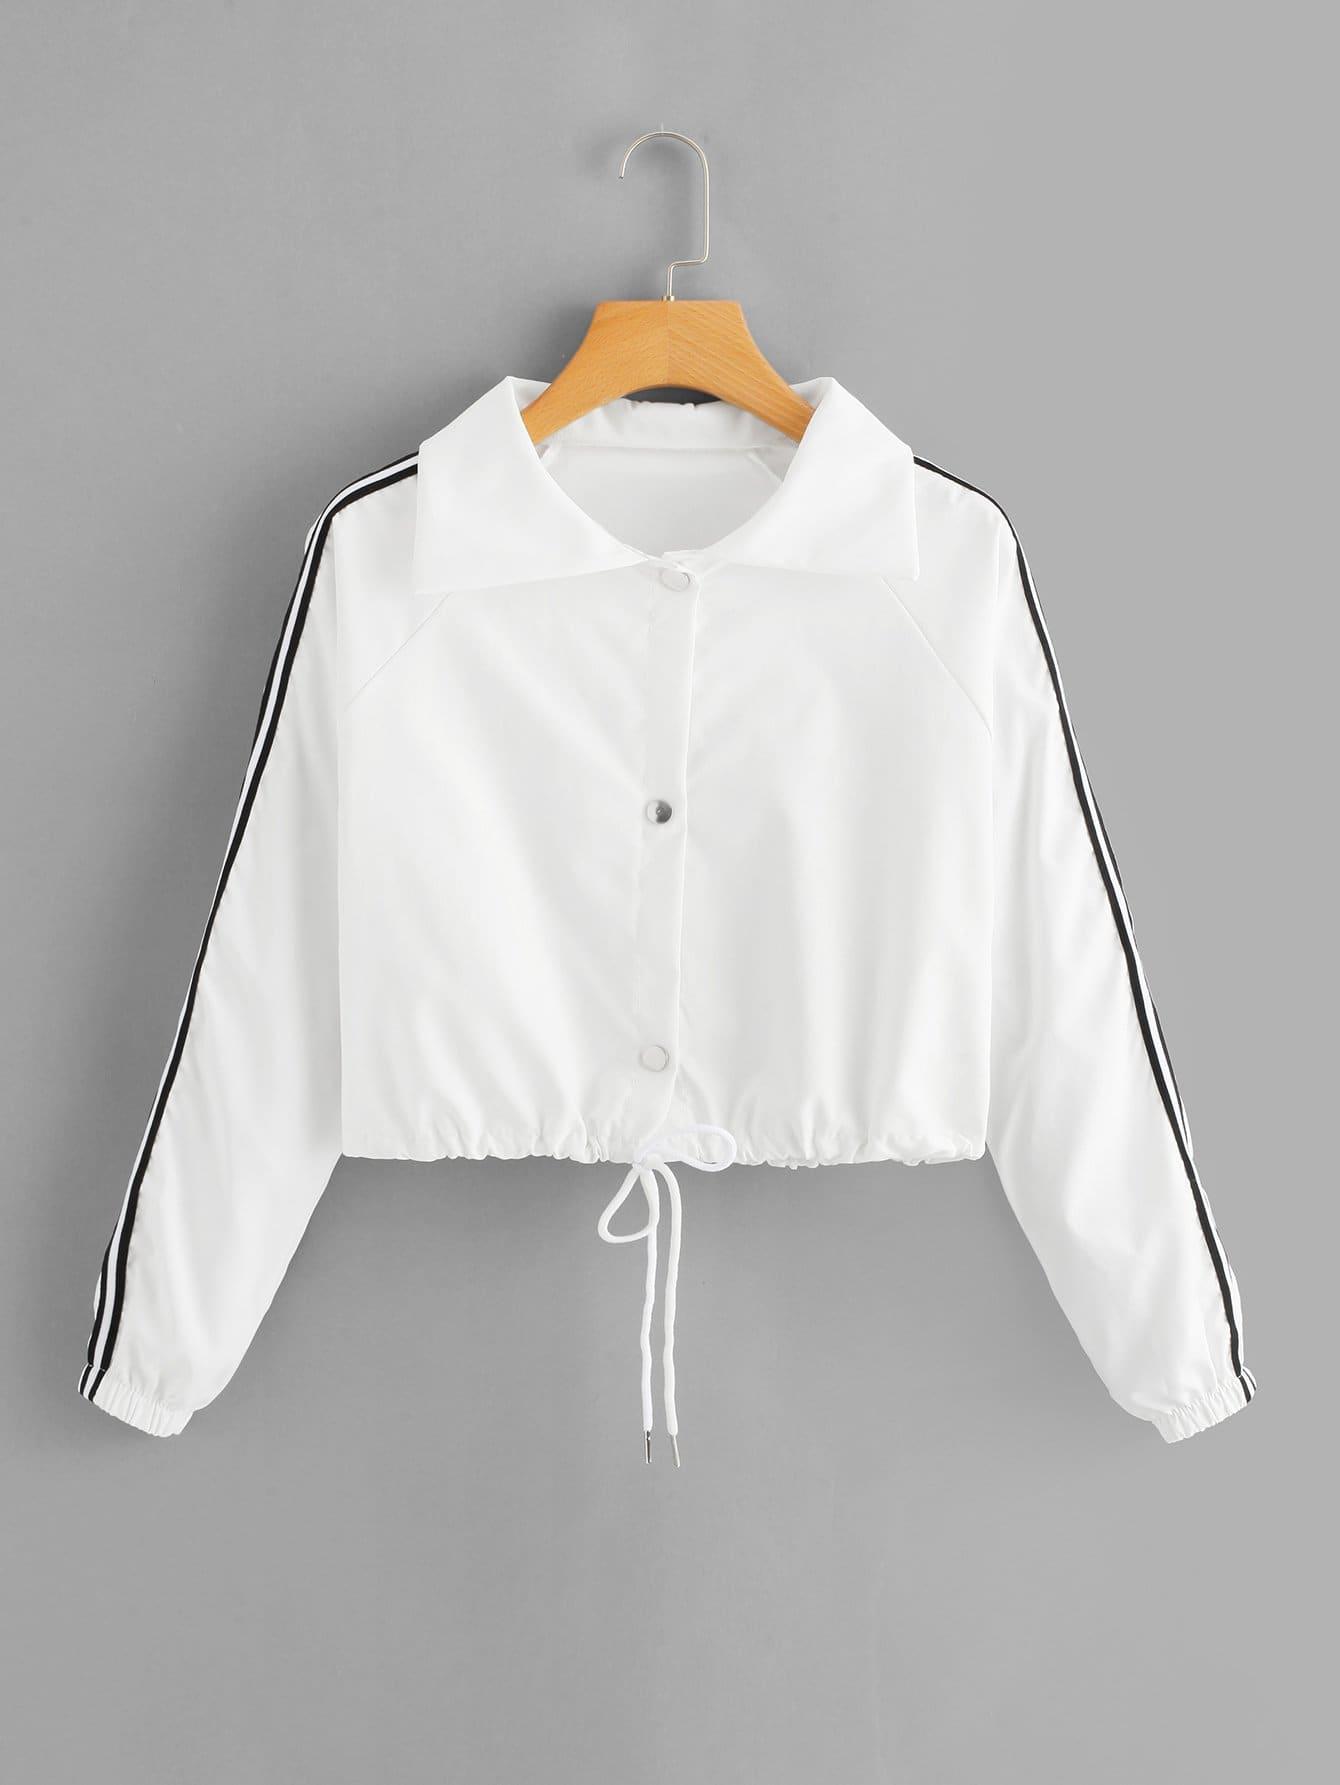 Jacke mit Streifen auf den Seiten und Kordelzug auf dem Saum